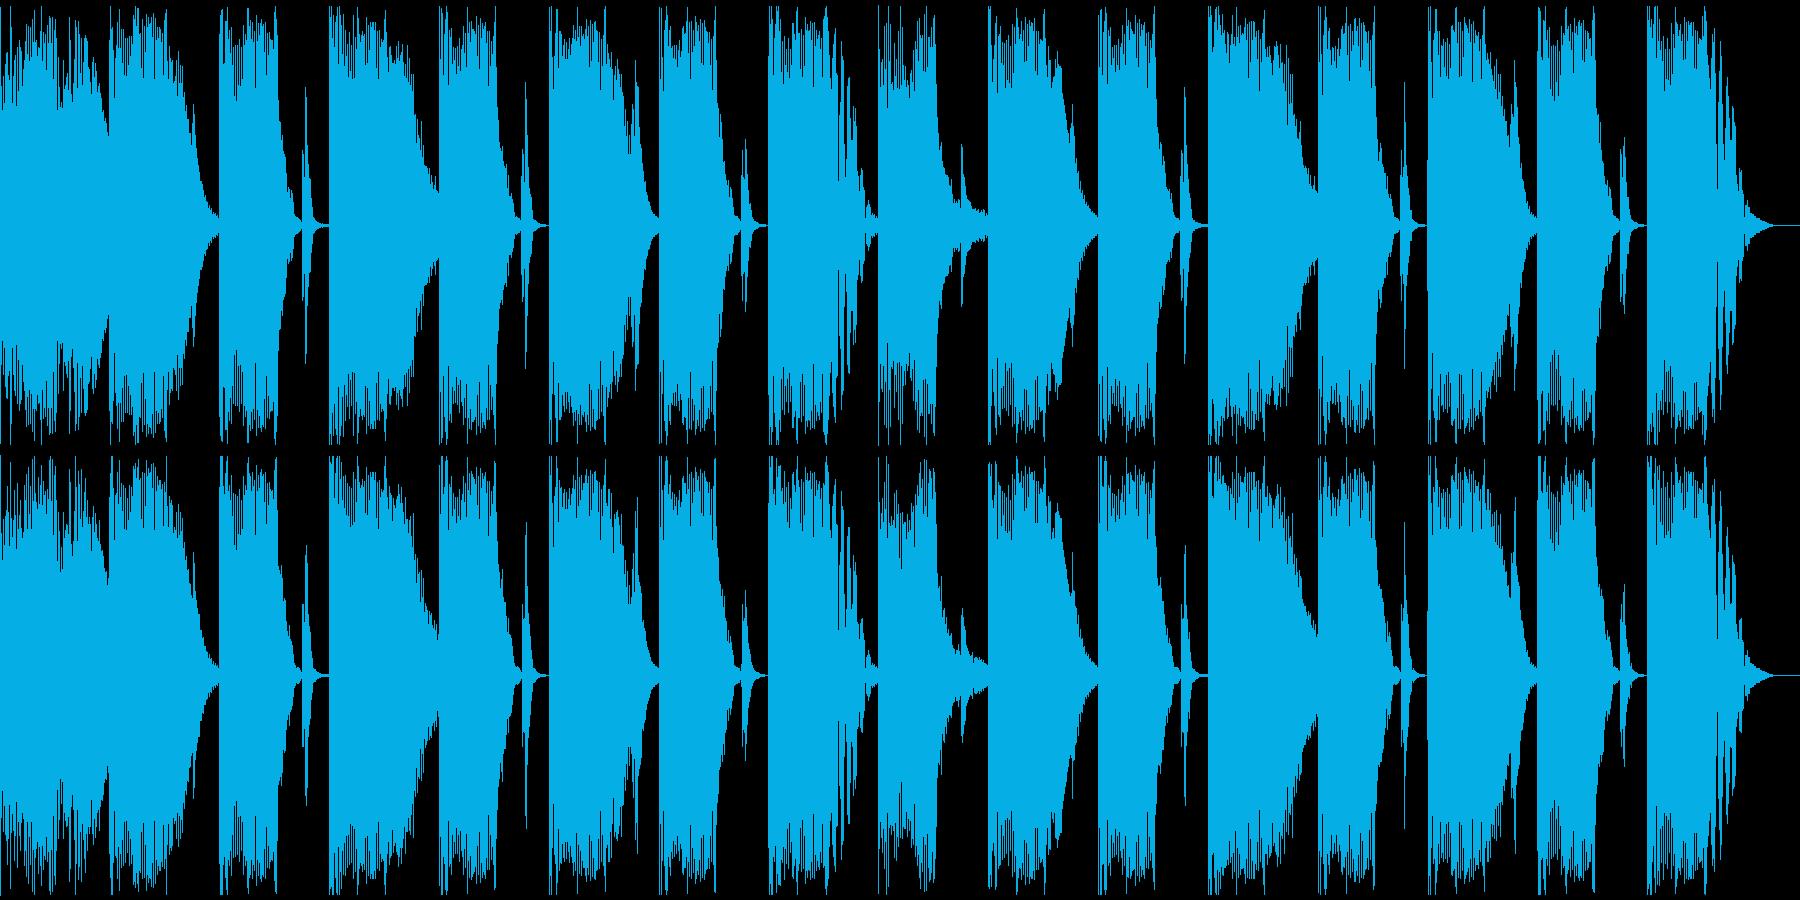 【エレクトロニカ】ロング2、ショート7の再生済みの波形